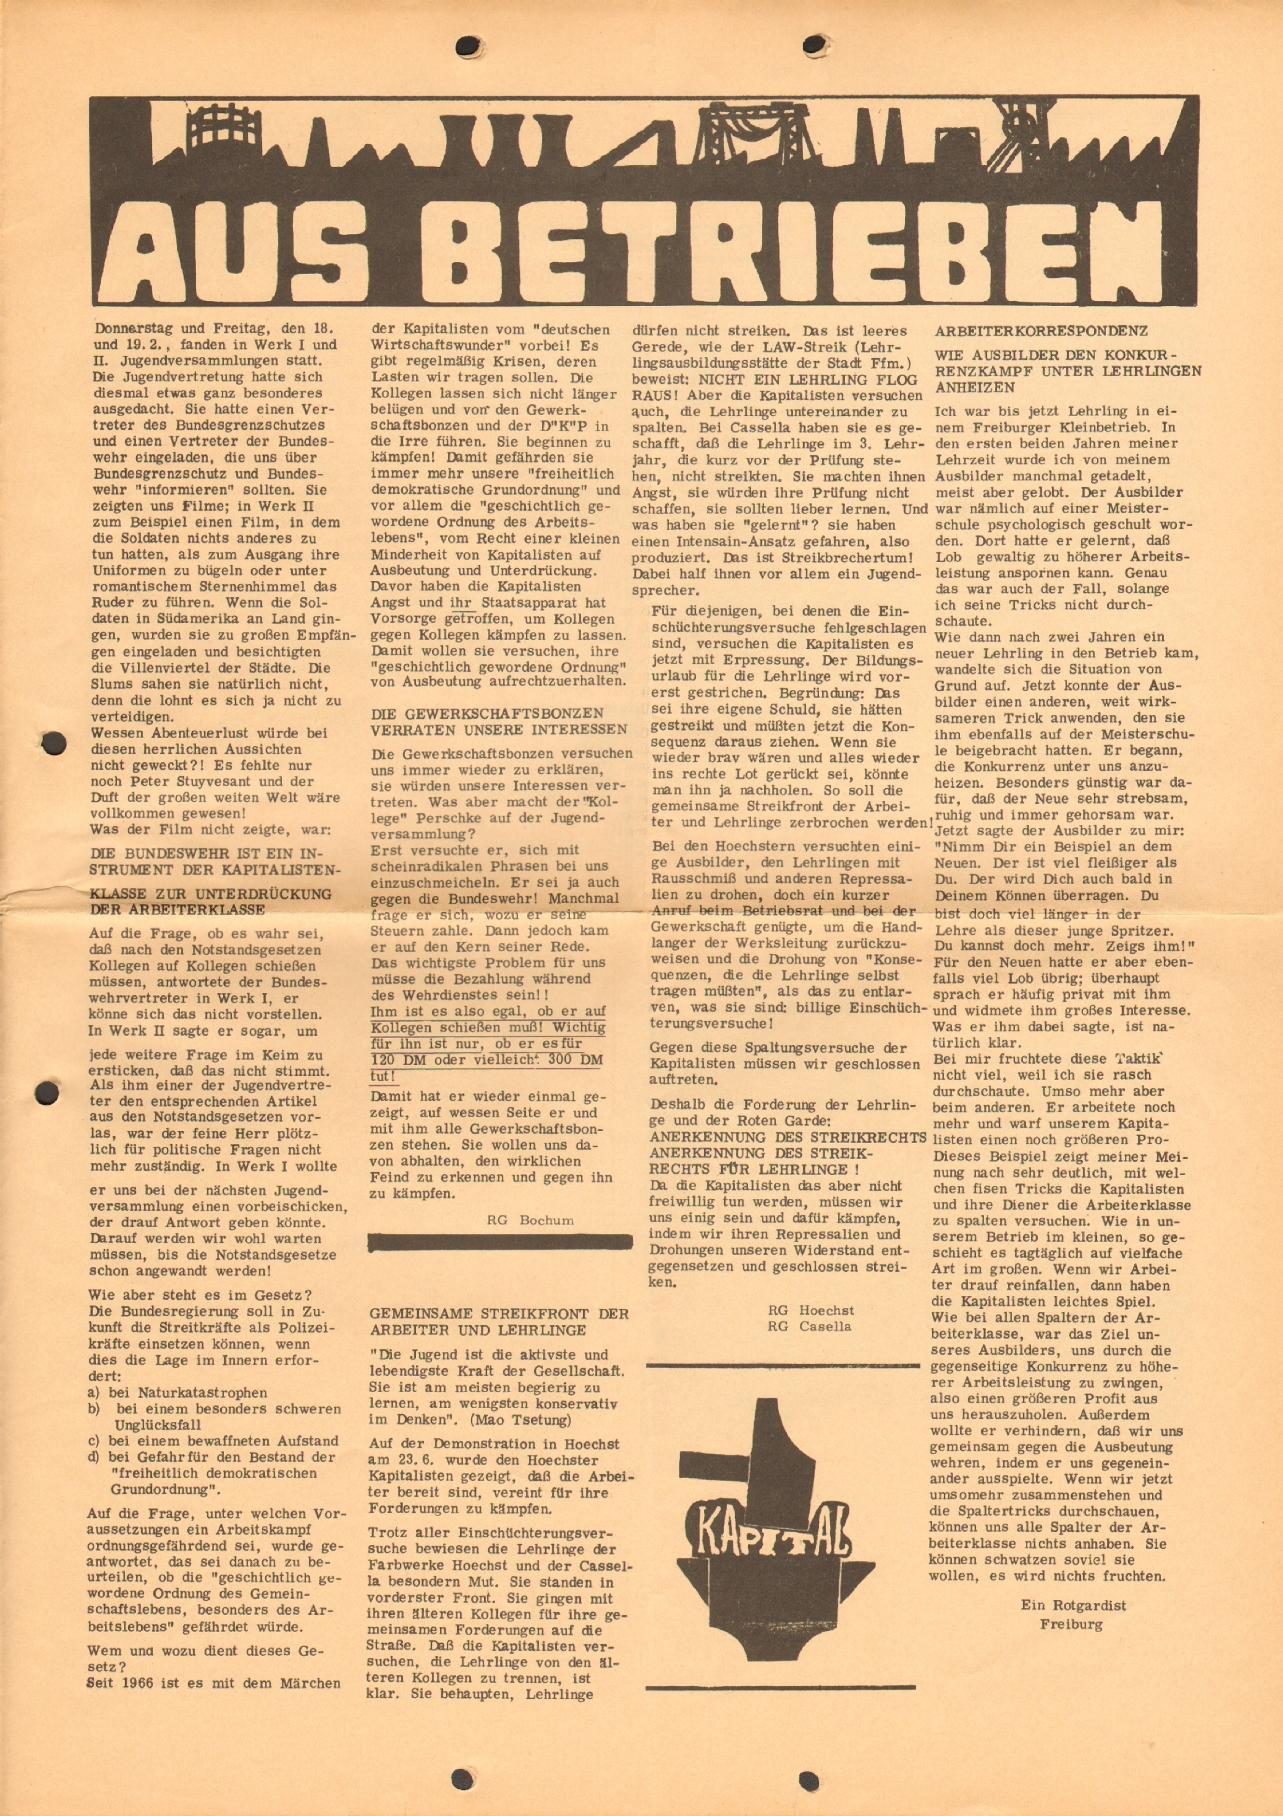 RG_Der_Rotgardist_1971_04_07